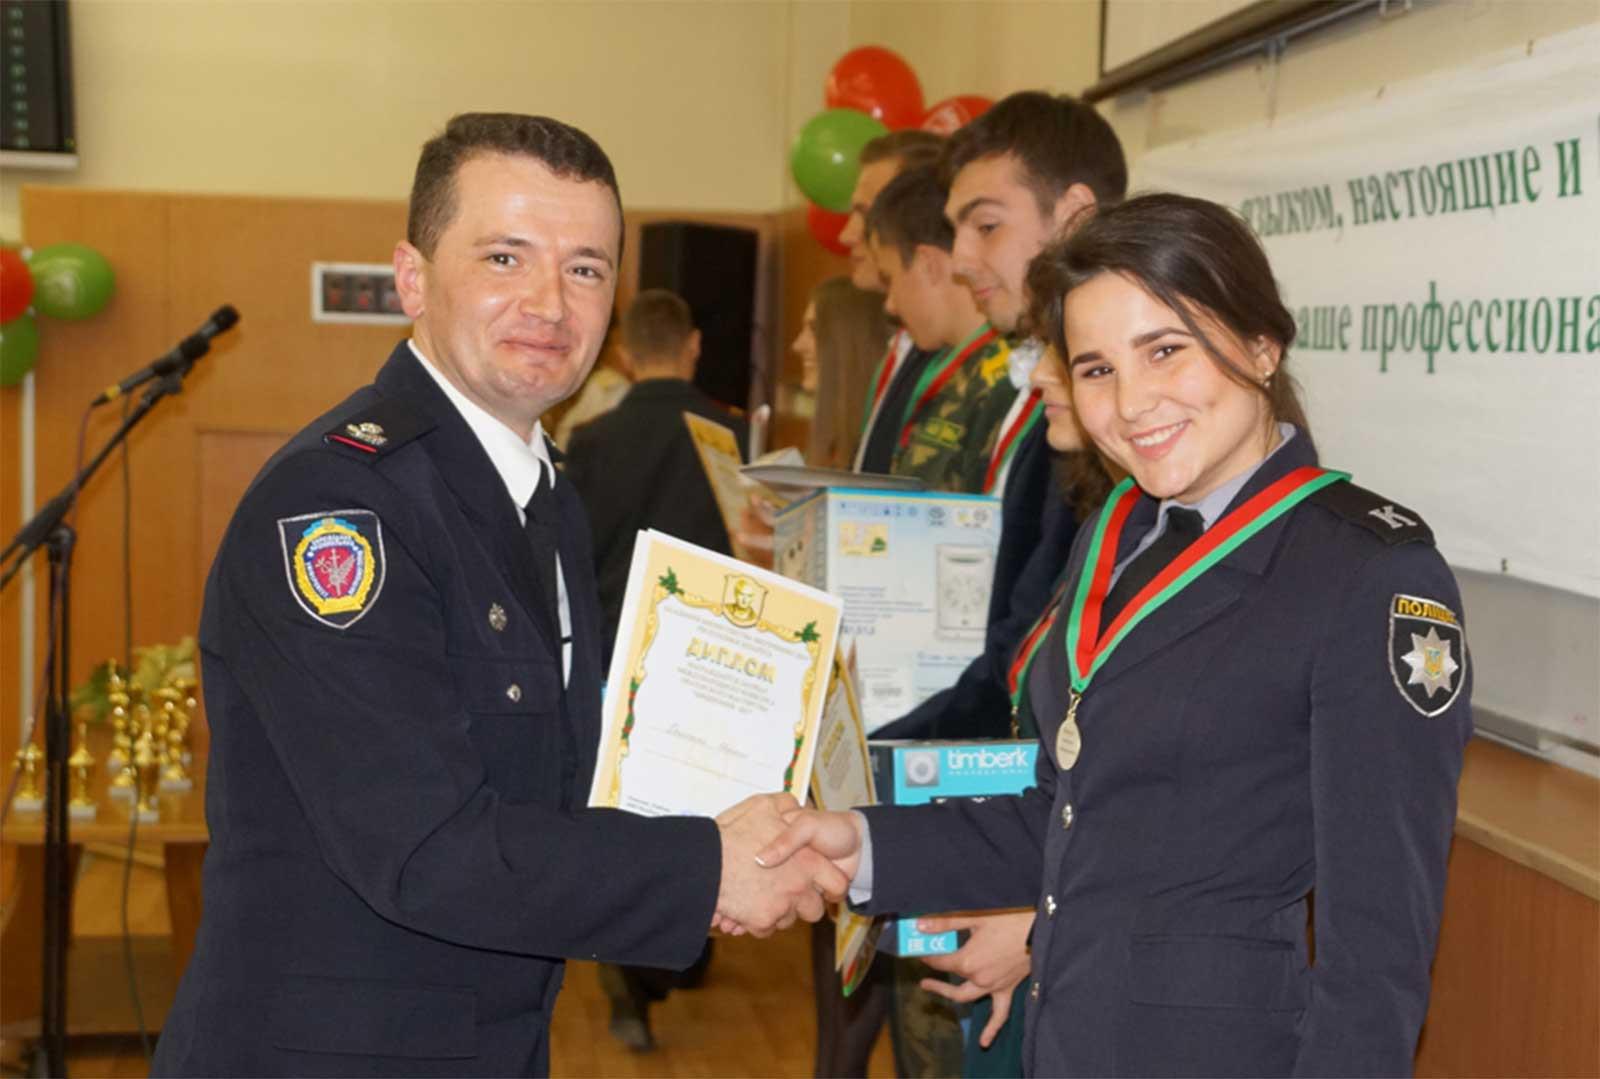 Міжнародний конкурс «Цицероній – 2017»